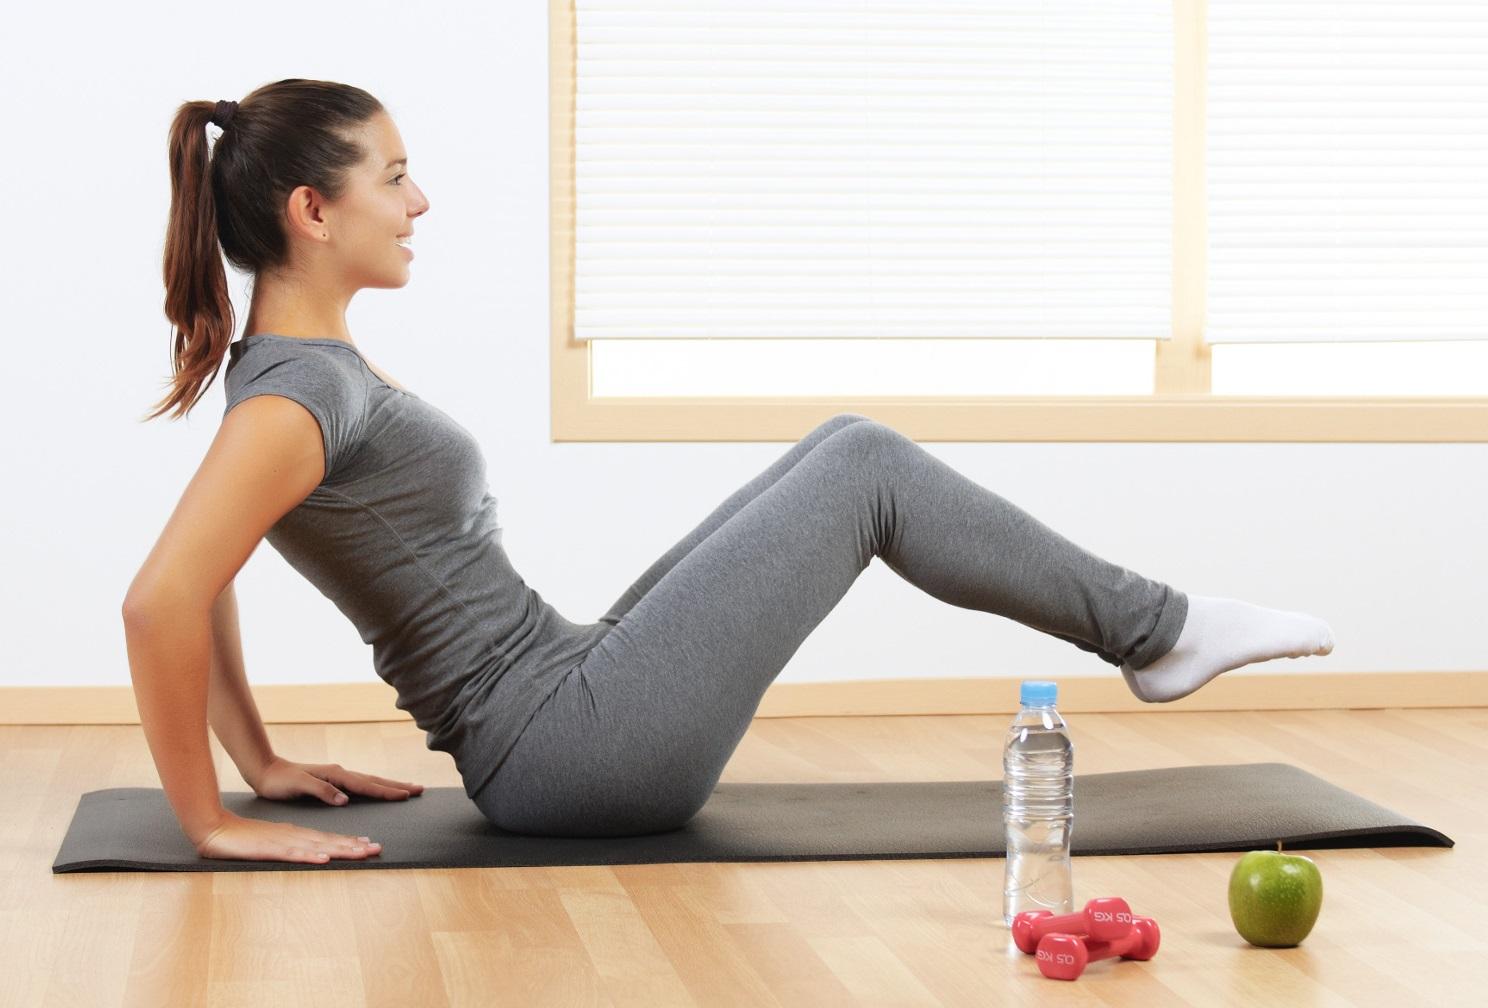 Похудение Занятие Спортом Дома. Каким фитнесом лучше всего заниматься дома для похудения: упражнения, занятия, тренировки